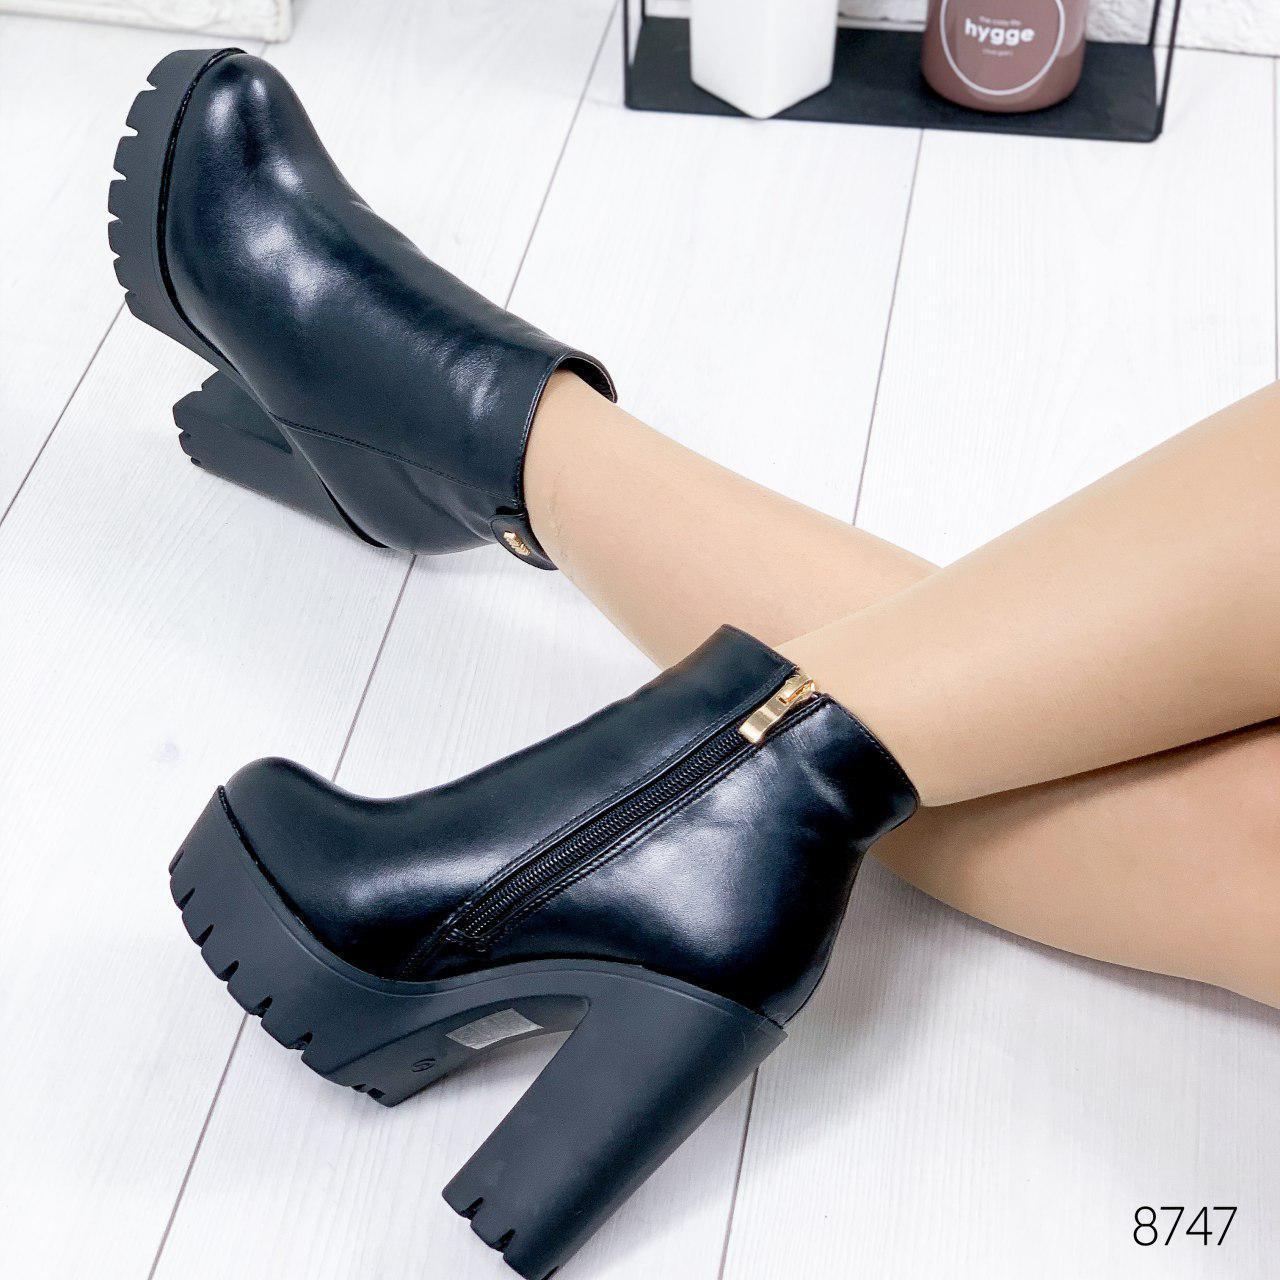 """Ботильоны женские зимние """"Woow"""" черного цвета из эко кожи. Ботинки женские. Ботильоны зима"""